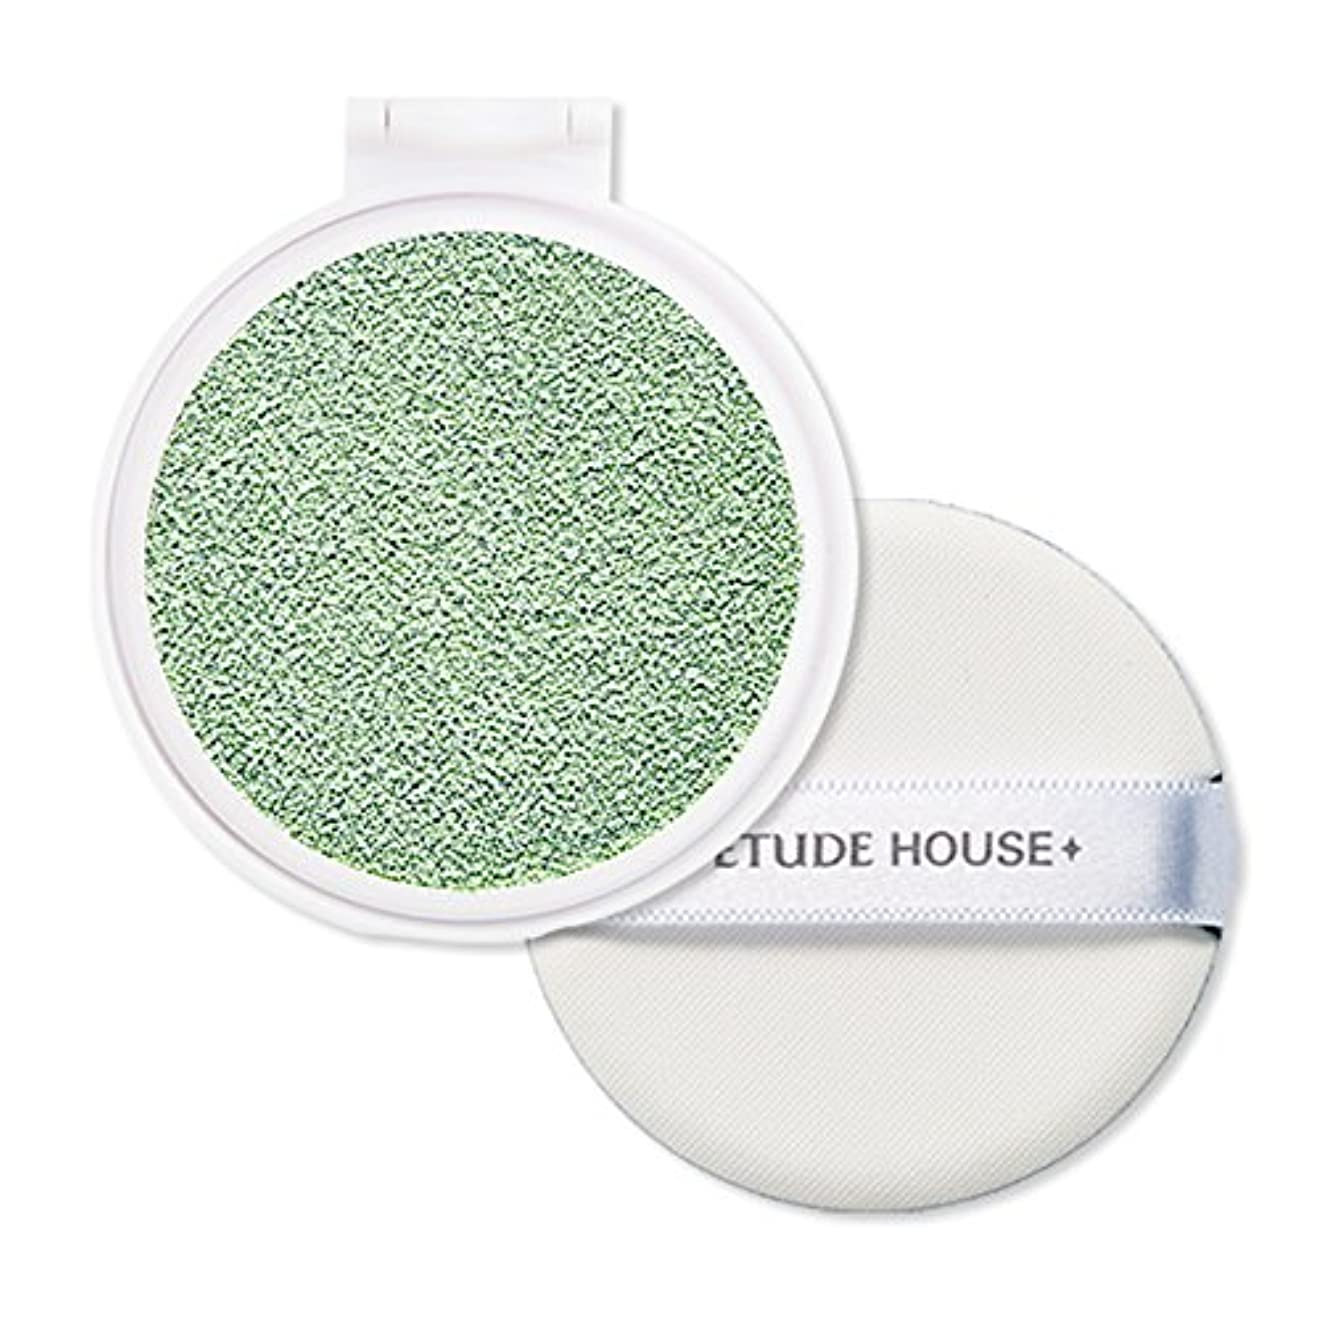 静める驚アクティビティエチュードハウス(ETUDE HOUSE) エニークッション カラーコレクター レフィル Mint